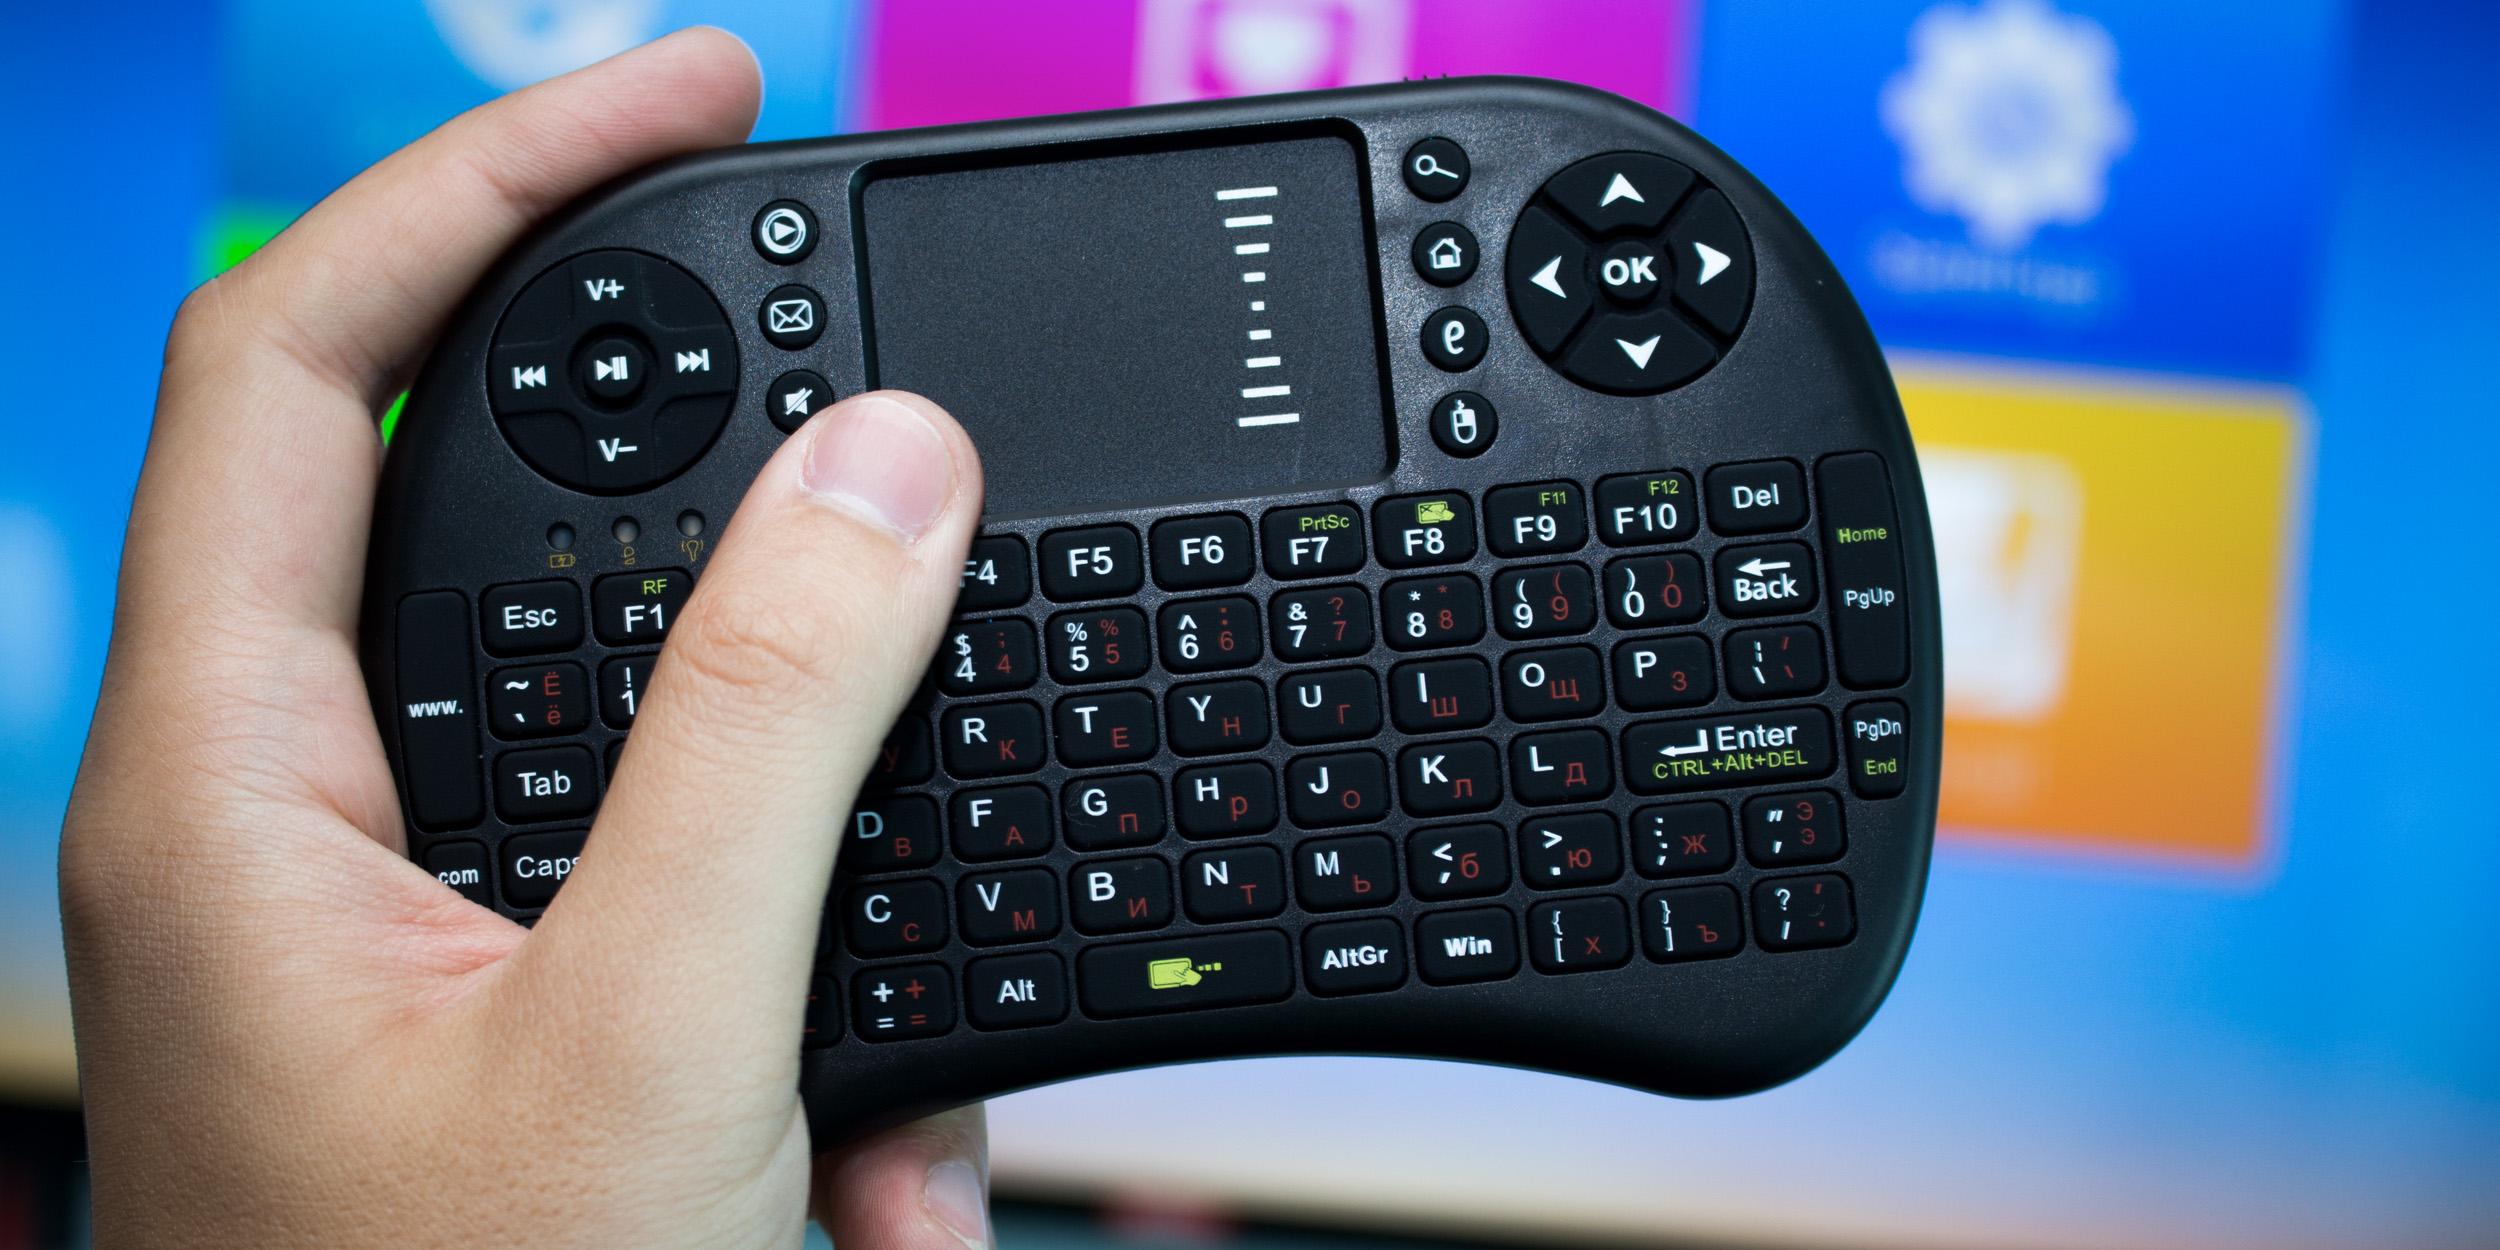 Smart TV с полноценным Android и беспроводной клавиатурой за 2 400 рублей